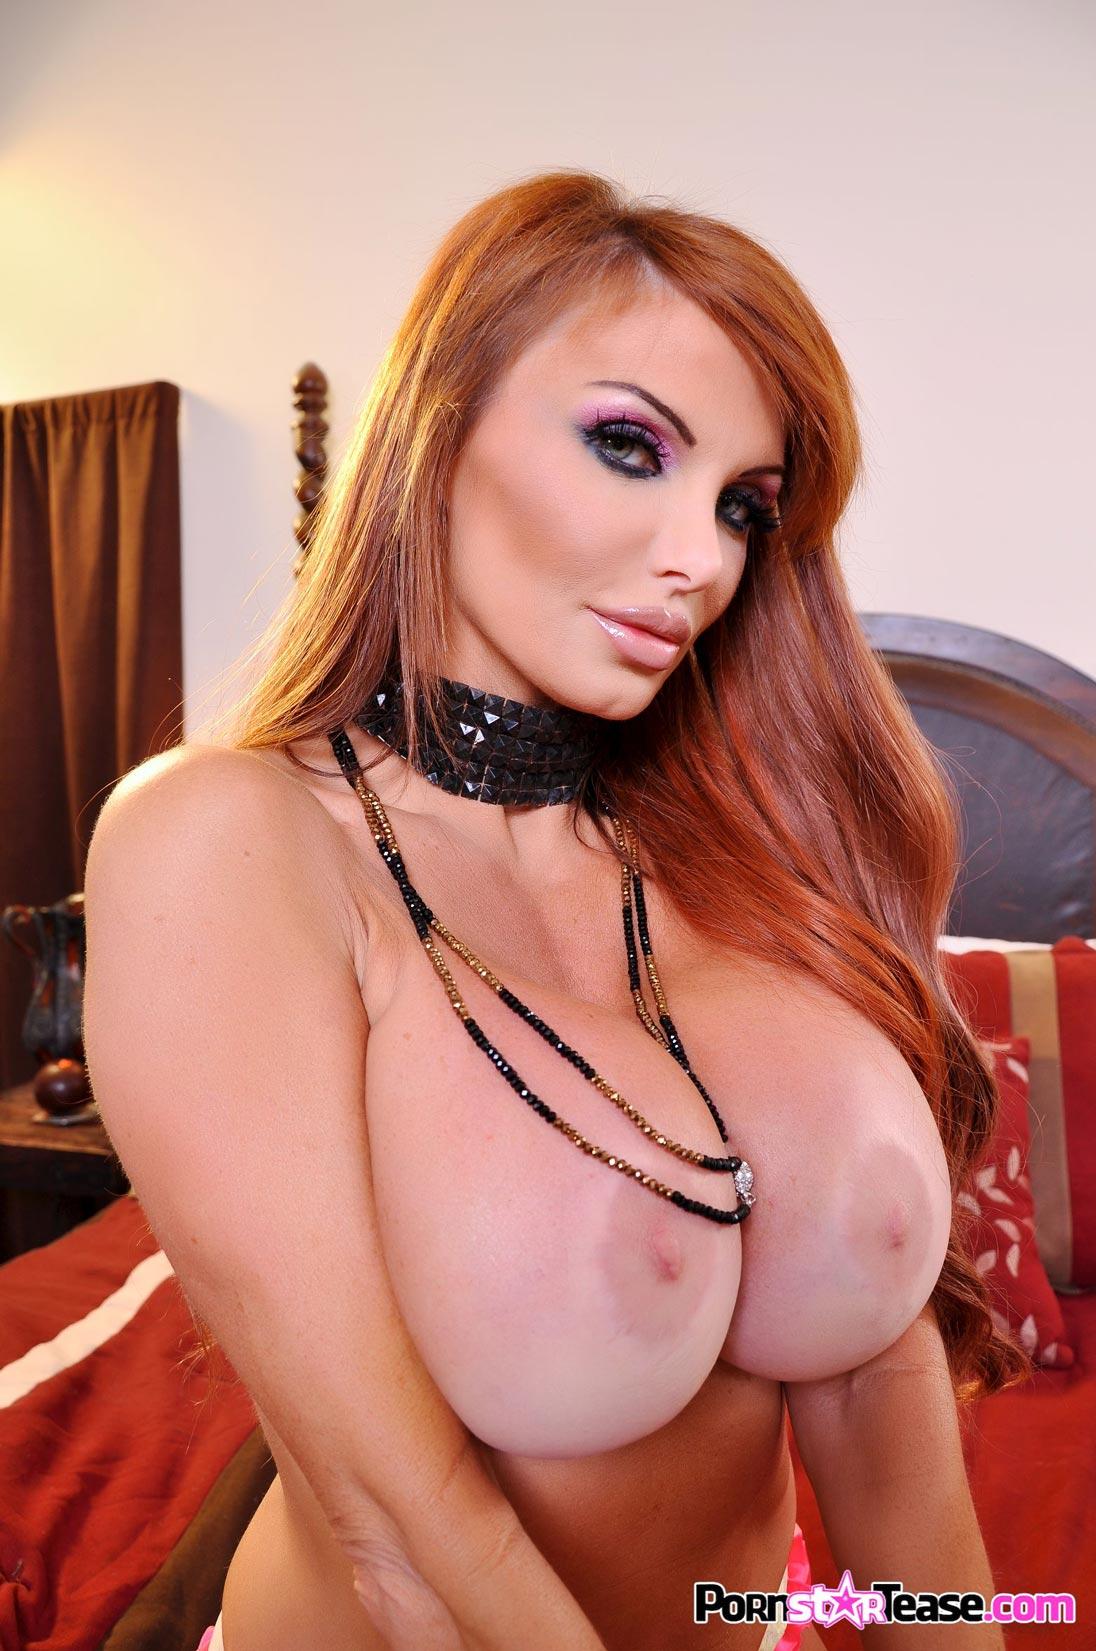 Раздетая порно модель Taylor Wane смотреть онлайн 2 фото